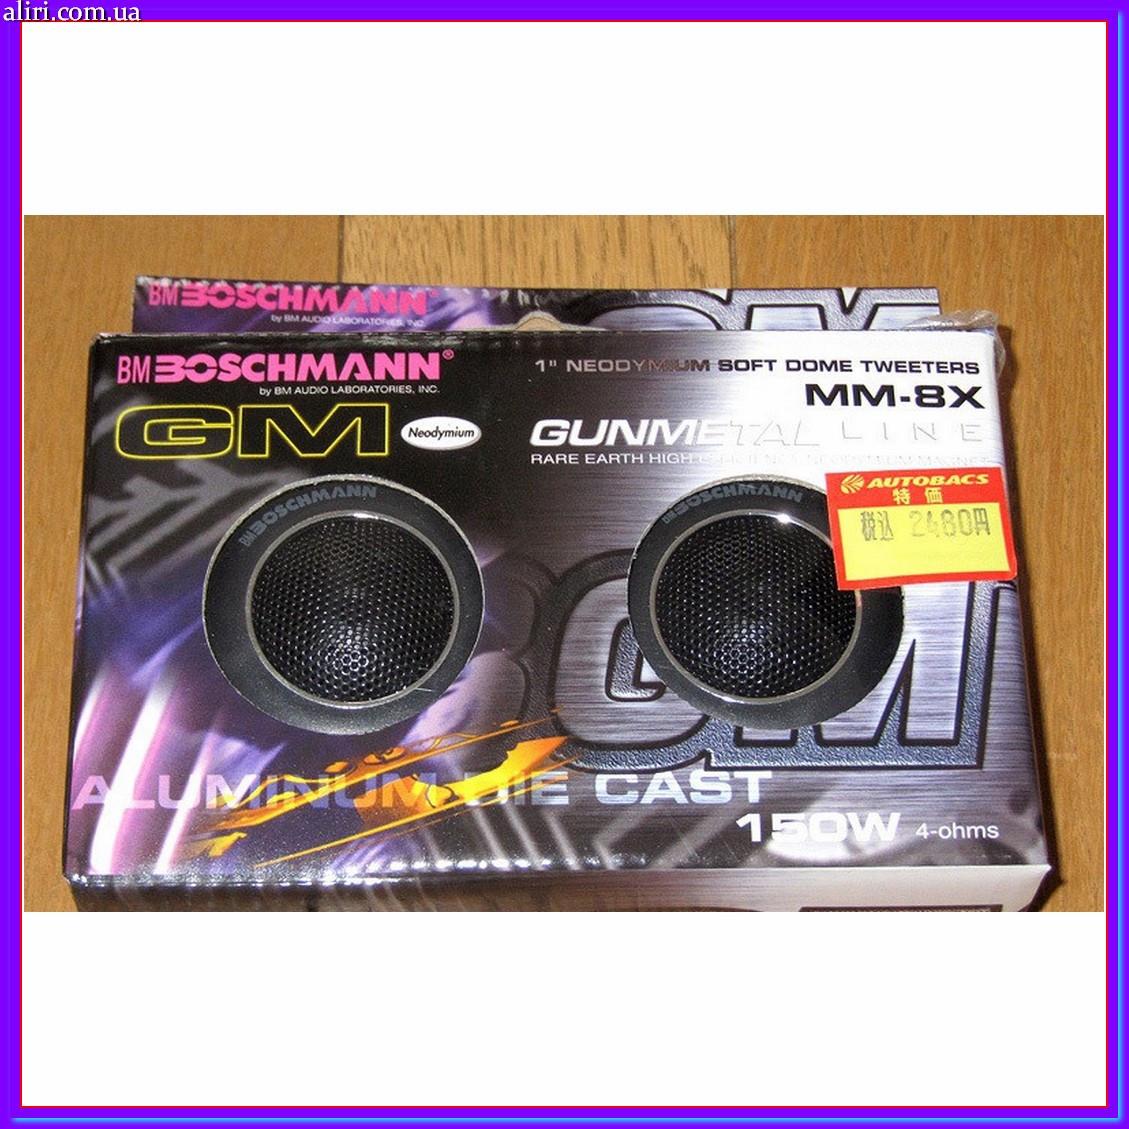 Набор ВЧ акустики для автомобиля,твиттеры BM Boschmann MM-8X